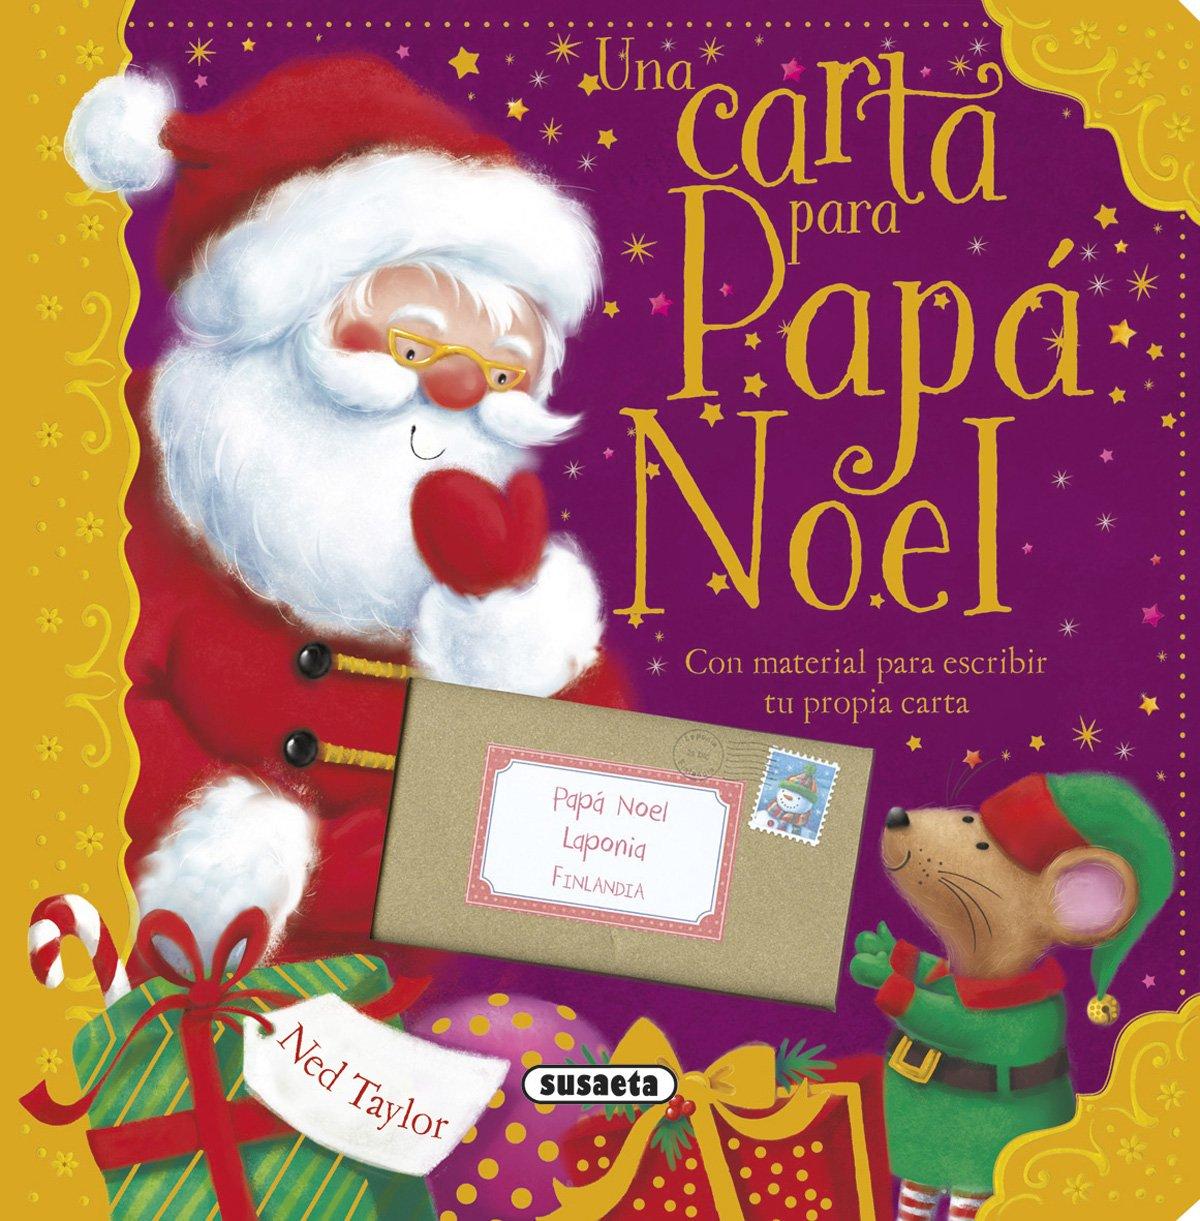 Una carta para Papá Noel: Amazon.es: Ned Taylor: Libros